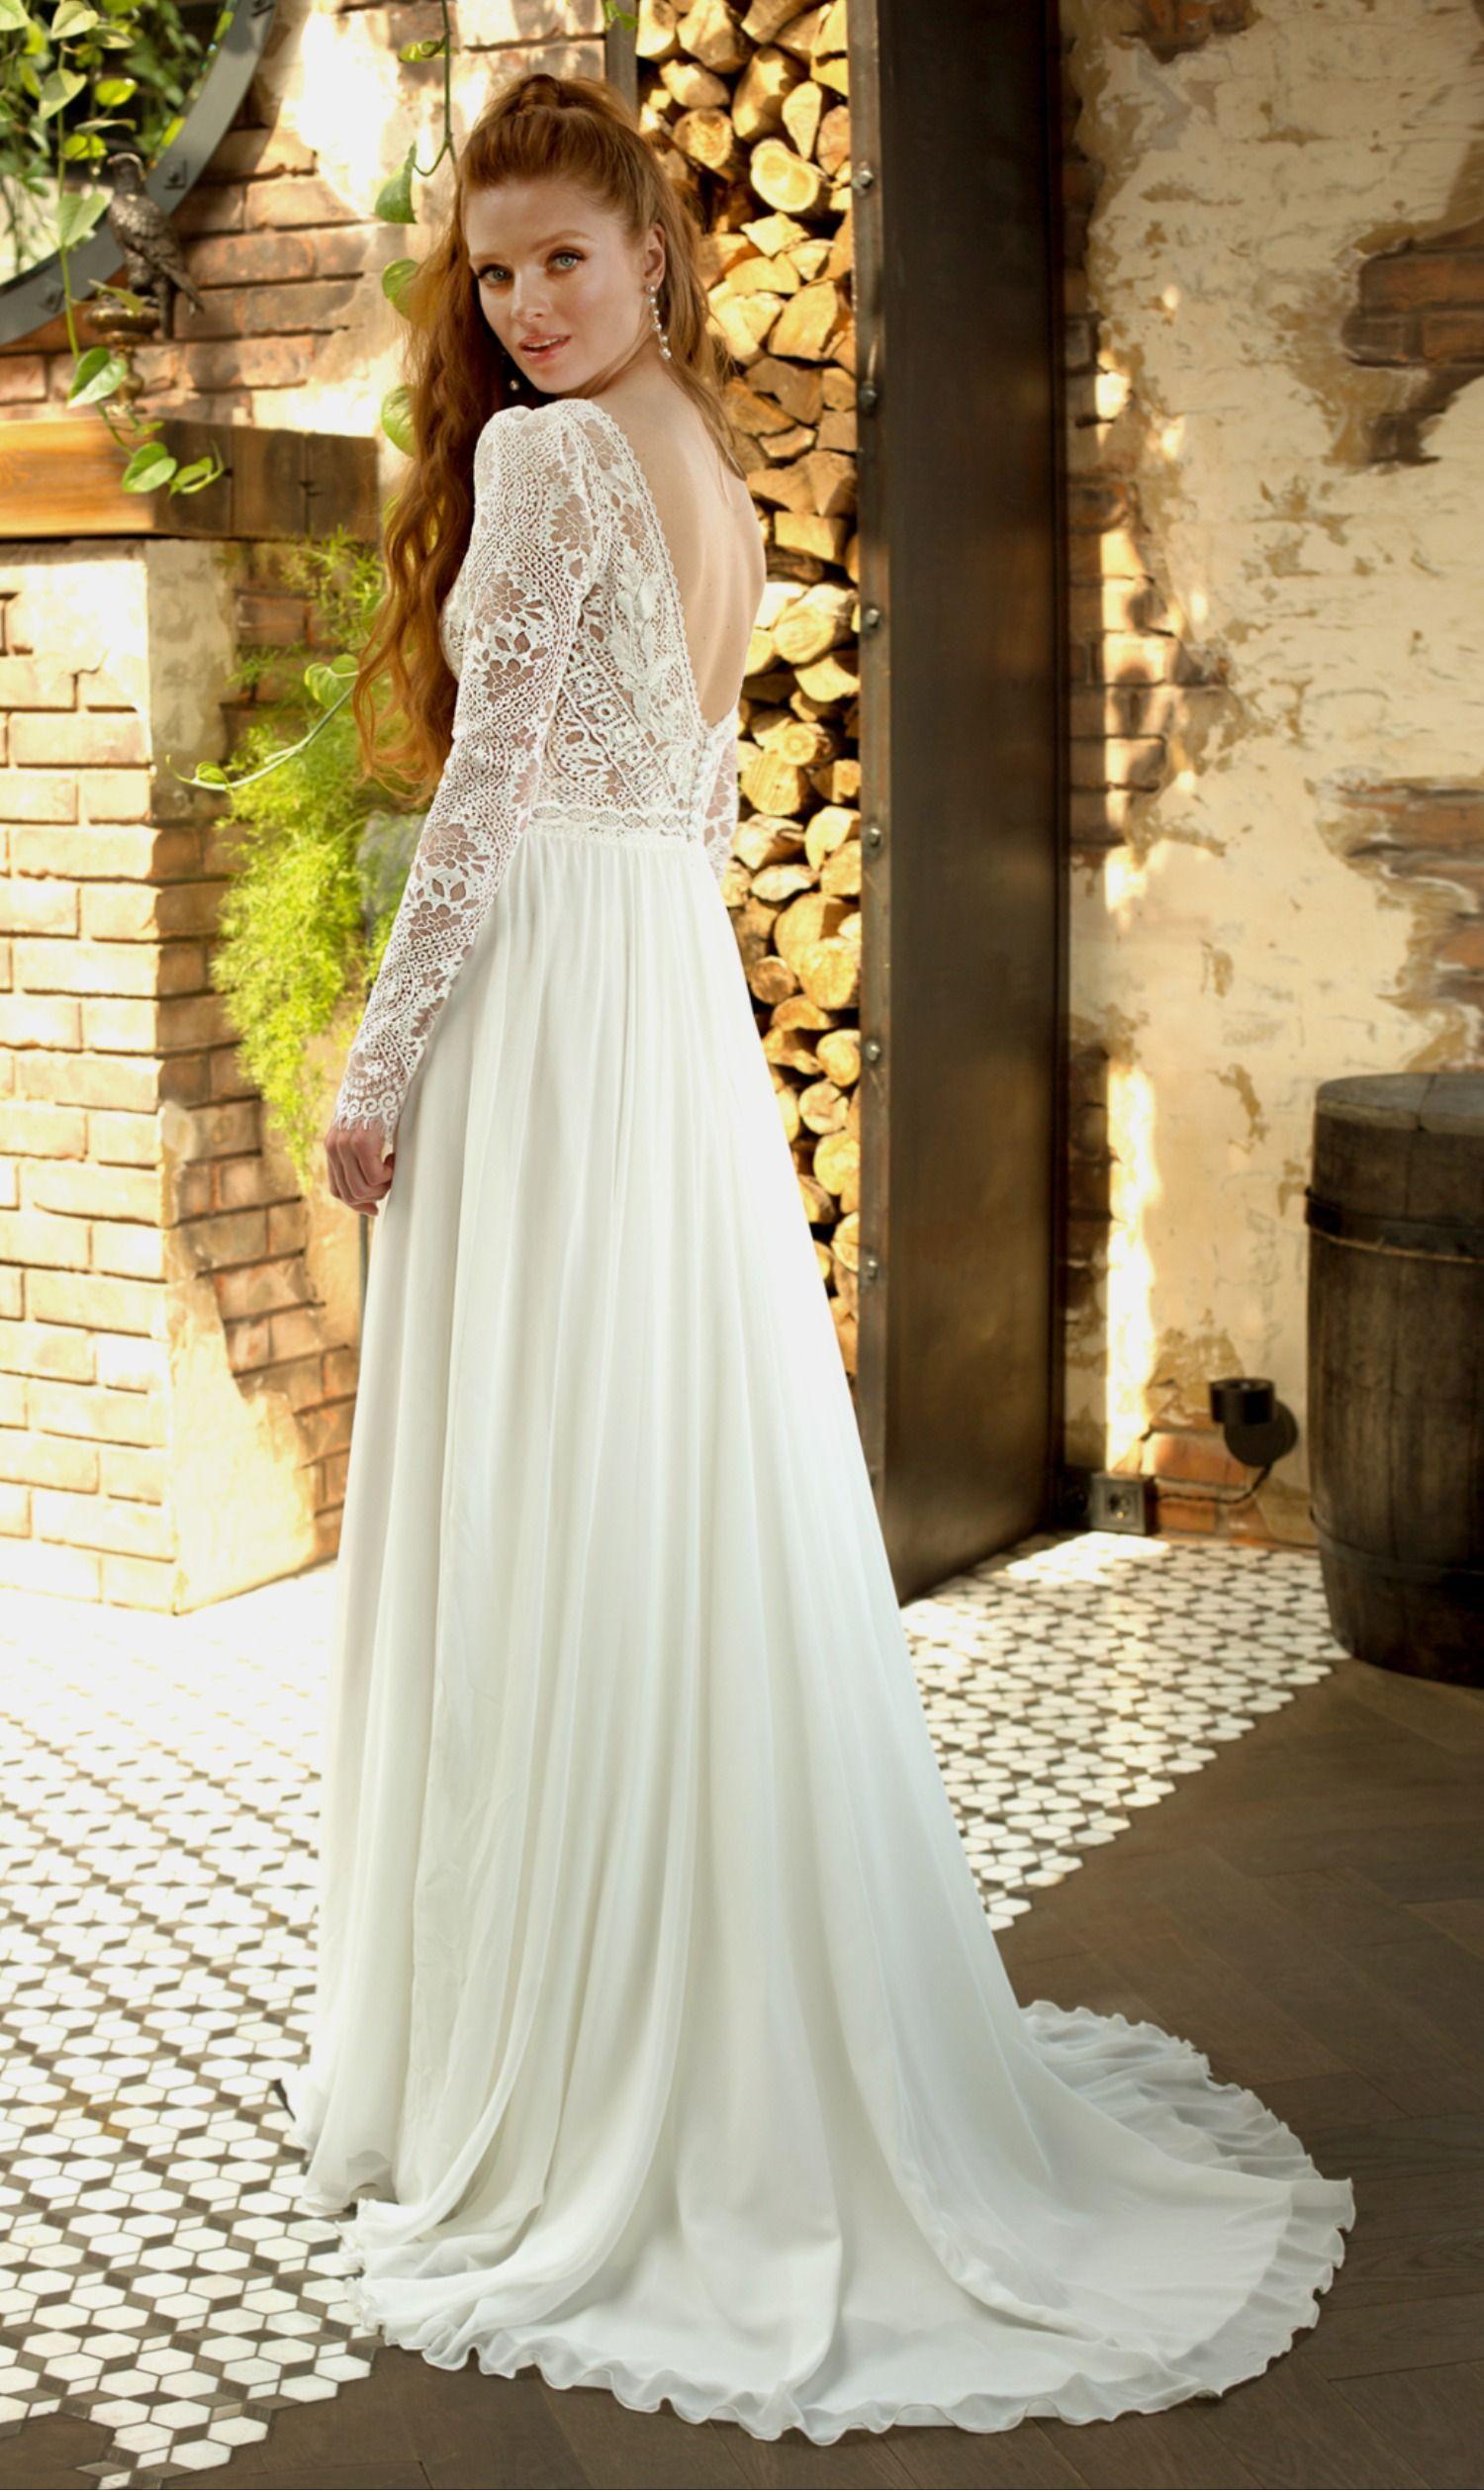 Lizet Wedding Dress Boho Bohemian Collection Wedding Dresses Buy Wedding Dress Simple Elegant Wedding Dress [ 2517 x 1500 Pixel ]